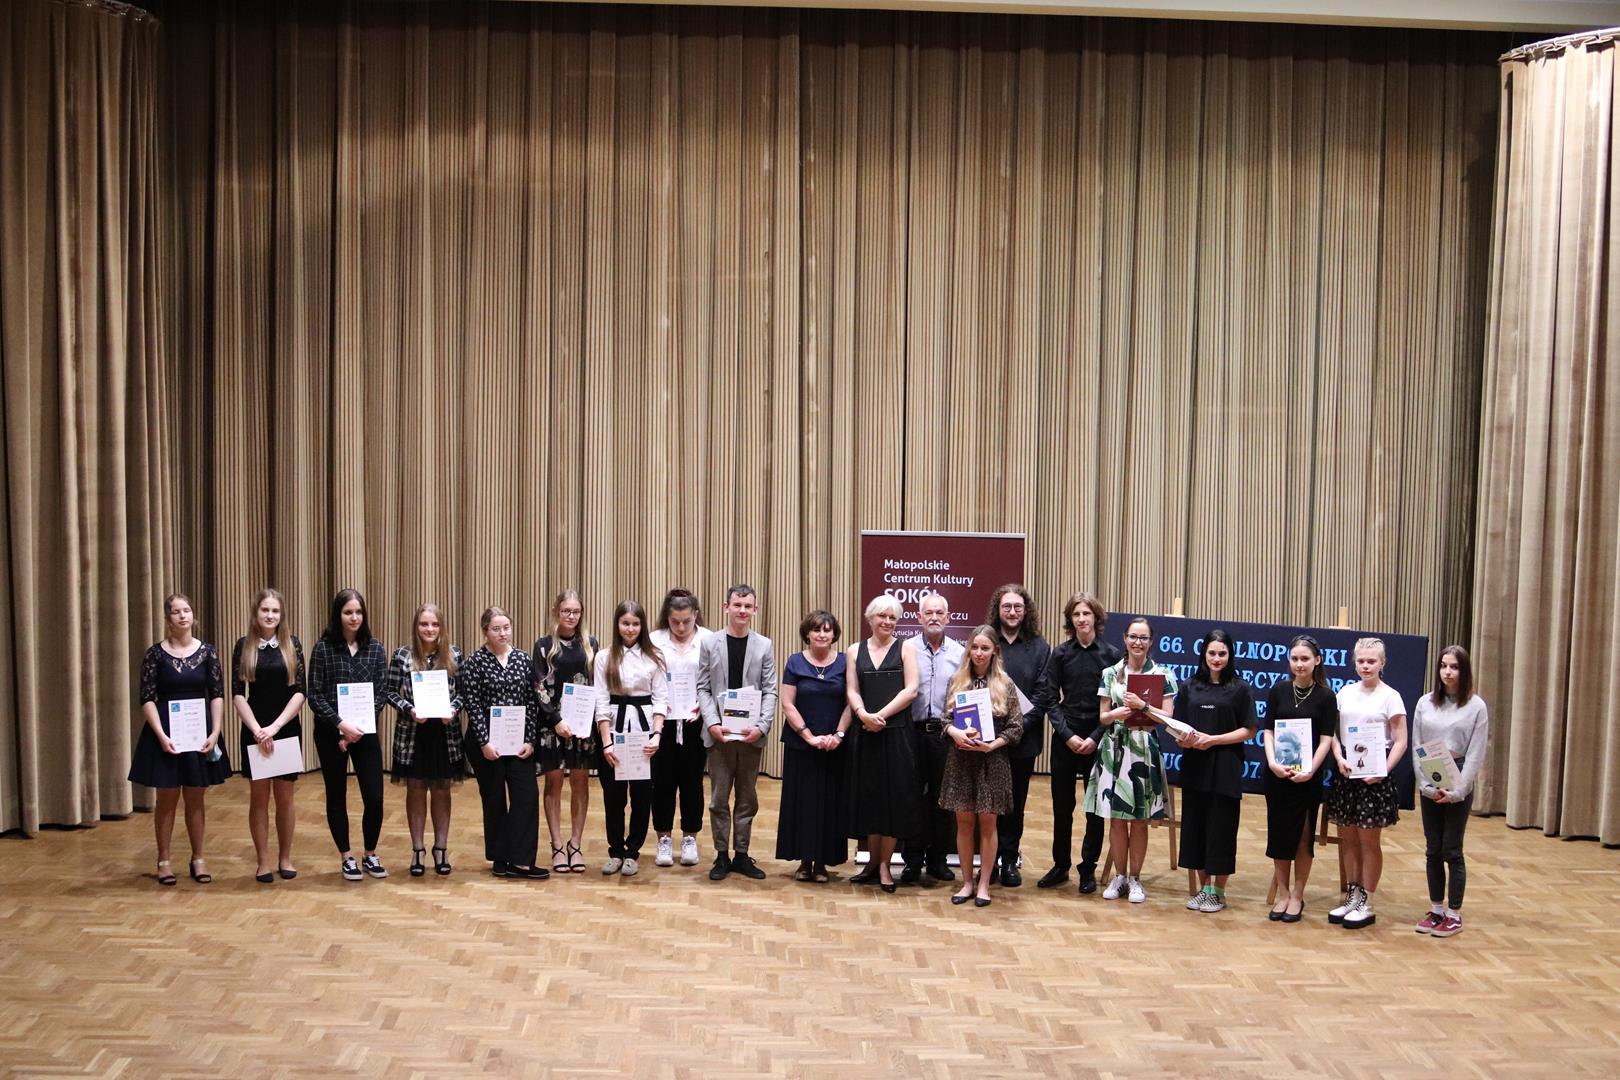 Znamy laureatów 66. Ogólnopolskiego Konkursu Recytatorskiego